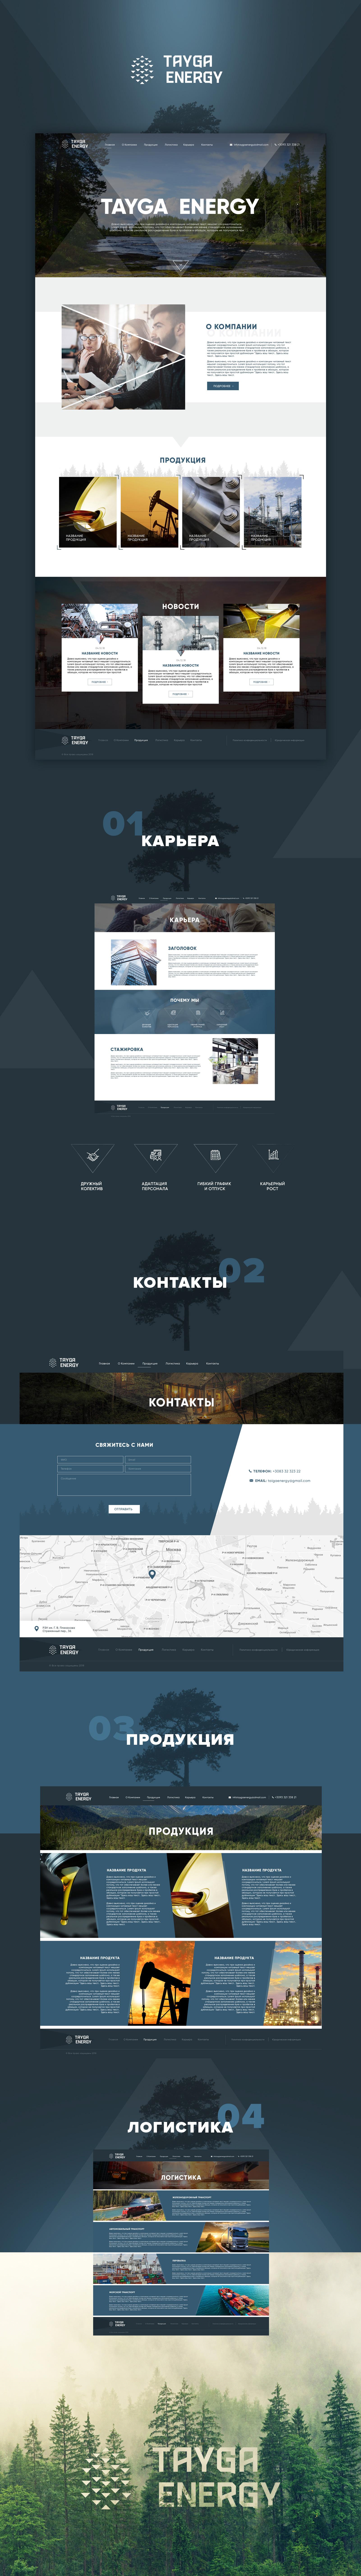 2a7a39d5e0f Разработка сайтов — Агентство Castcom в Москве